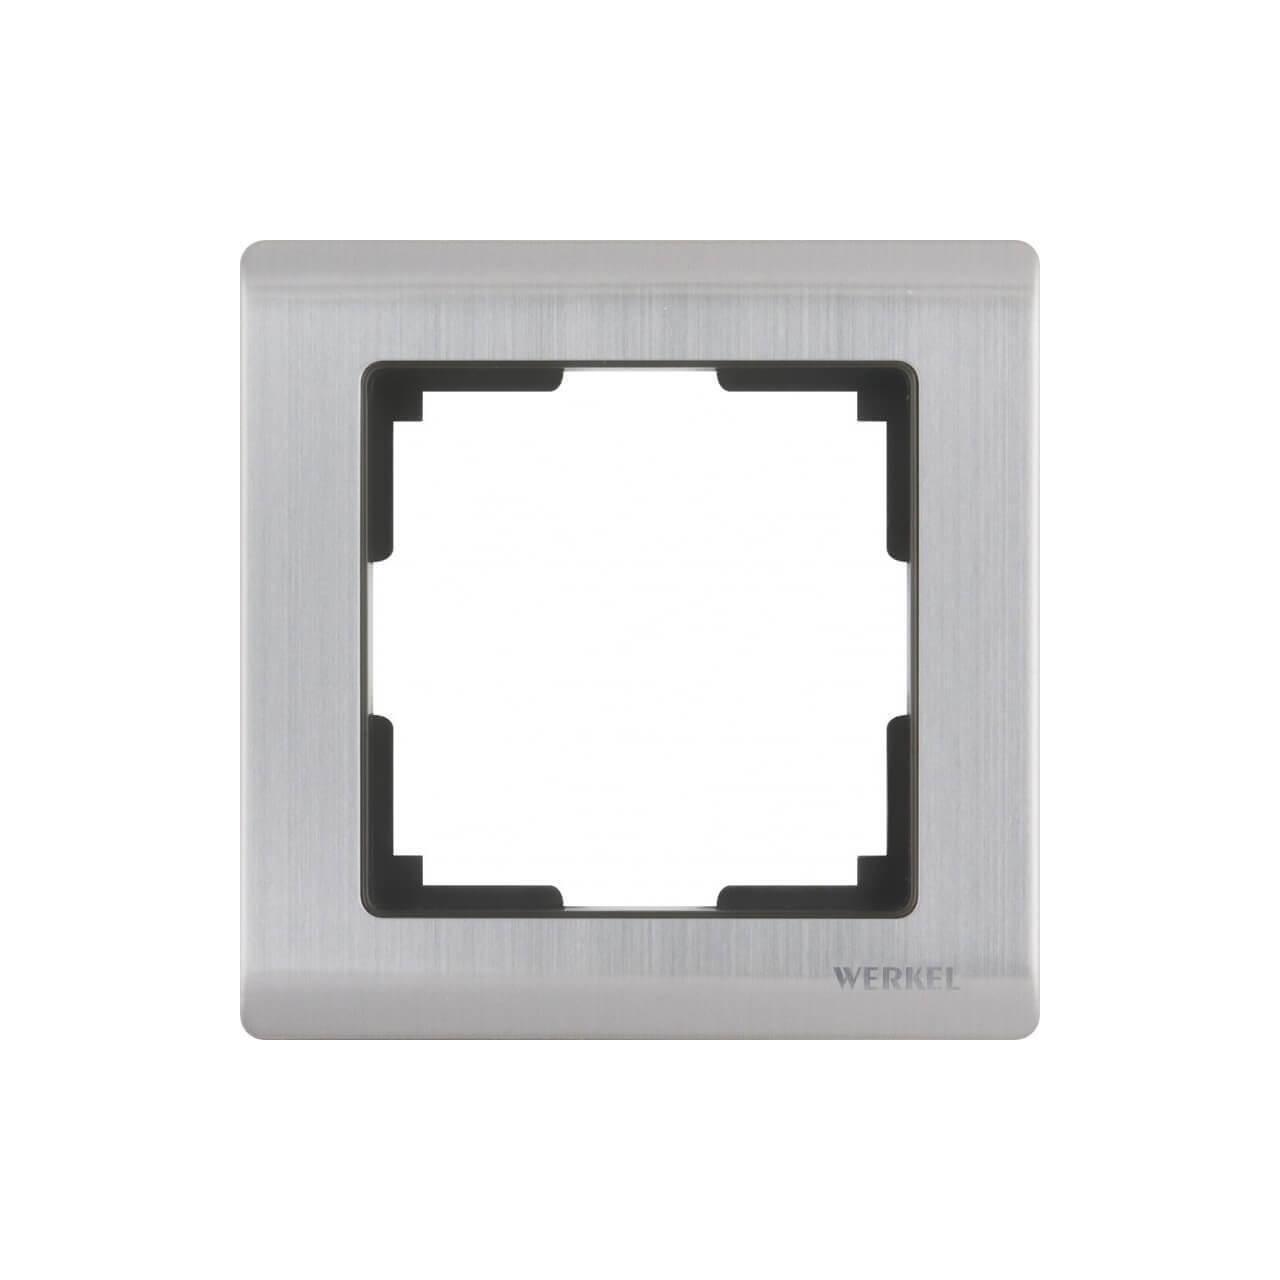 Рамка Werkel Metallic на 1 пост глянцевый никель WL02-Frame-01 4690389045905